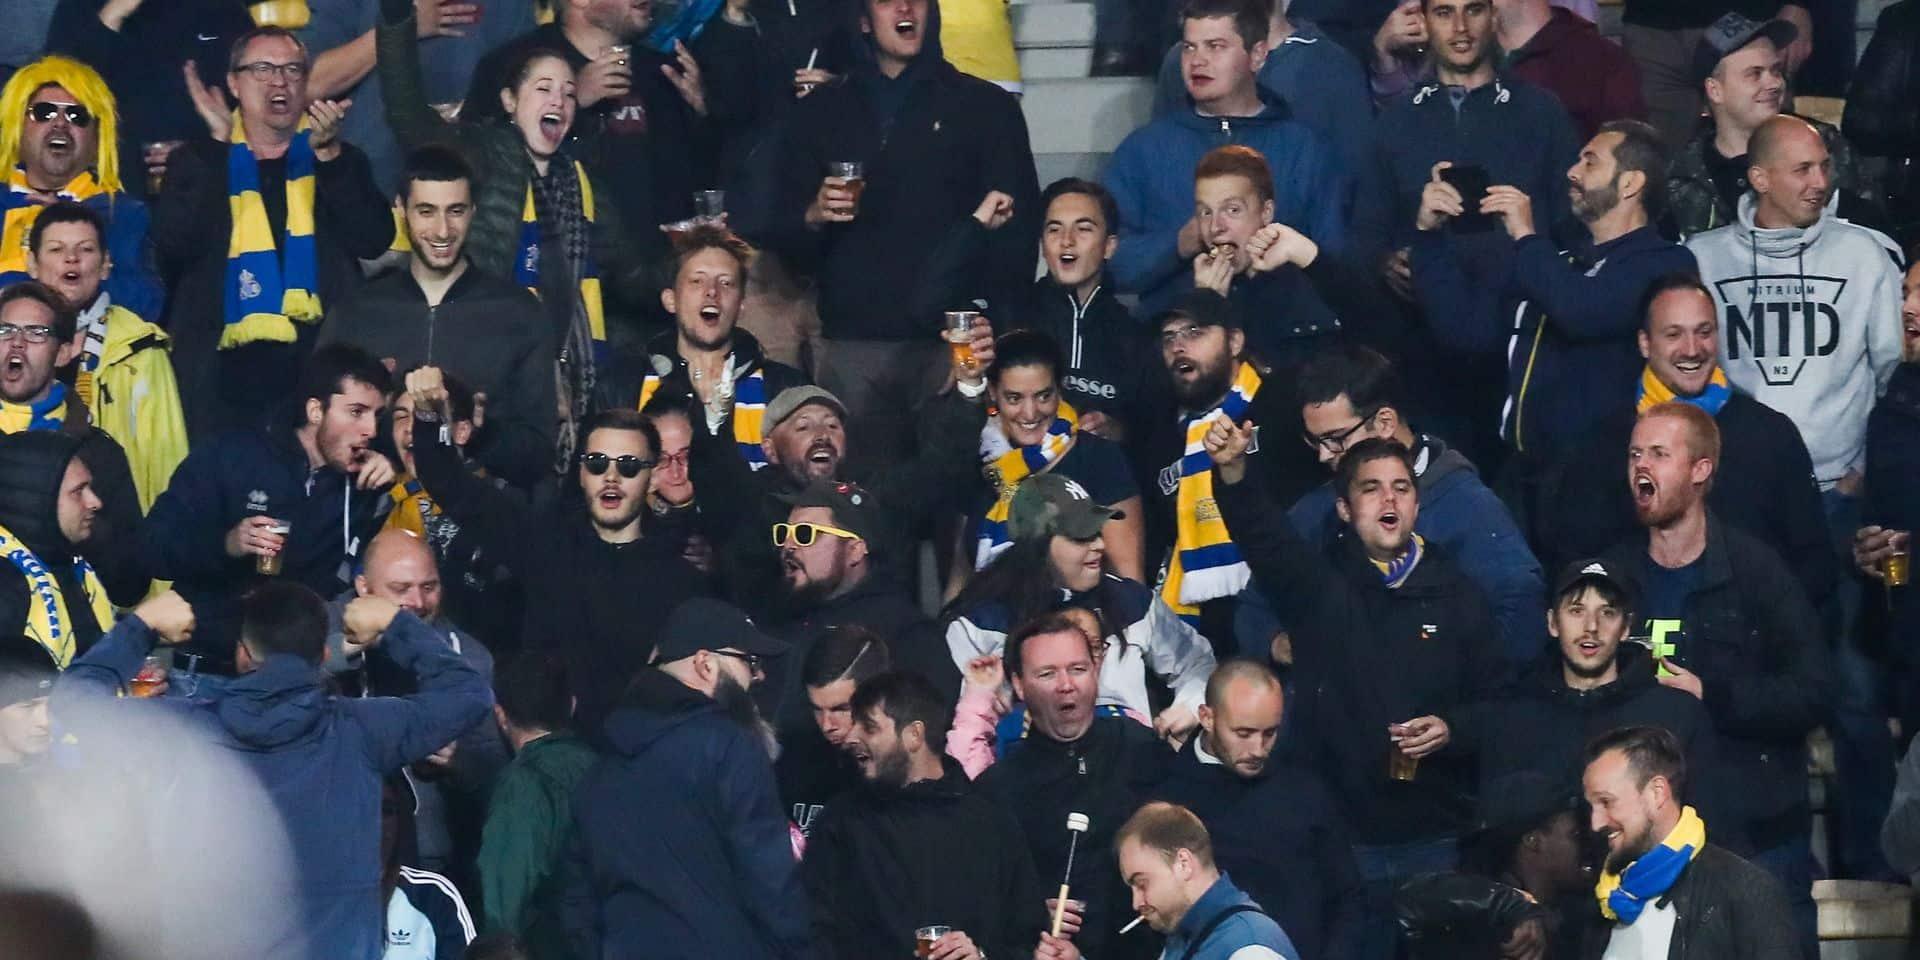 Les supporters saint-gillois prêts pour un derby historique